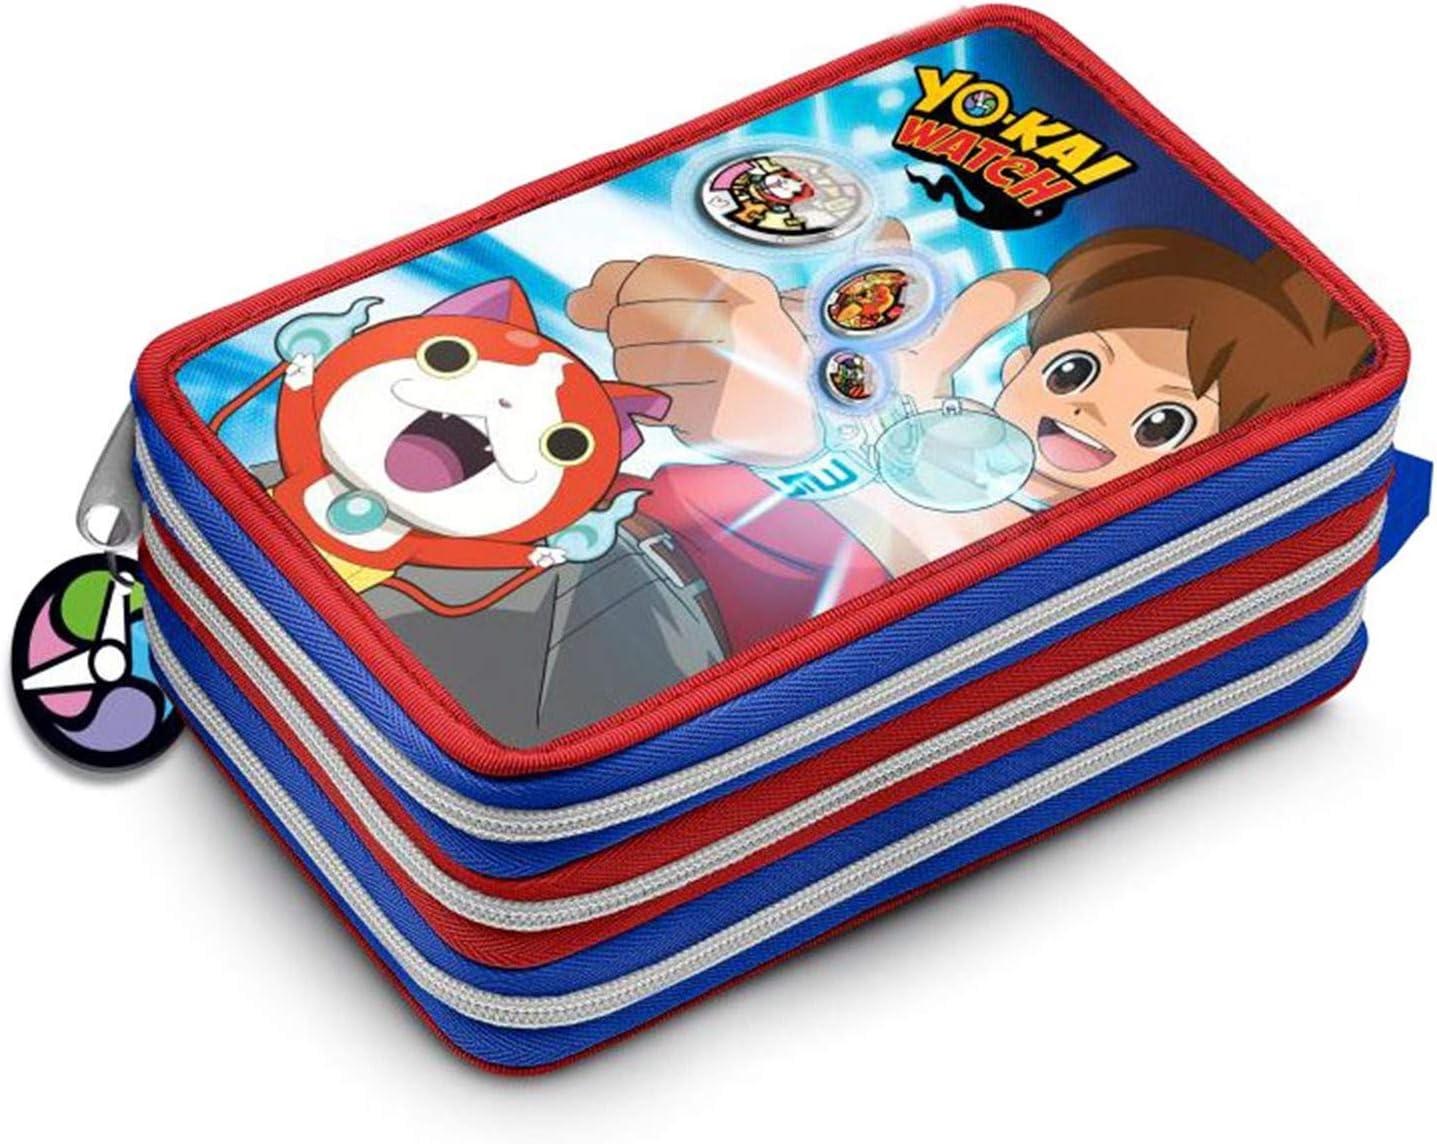 PENCIL CASE 3 ZIP Yo-kai Watch: Amazon.es: Juguetes y juegos